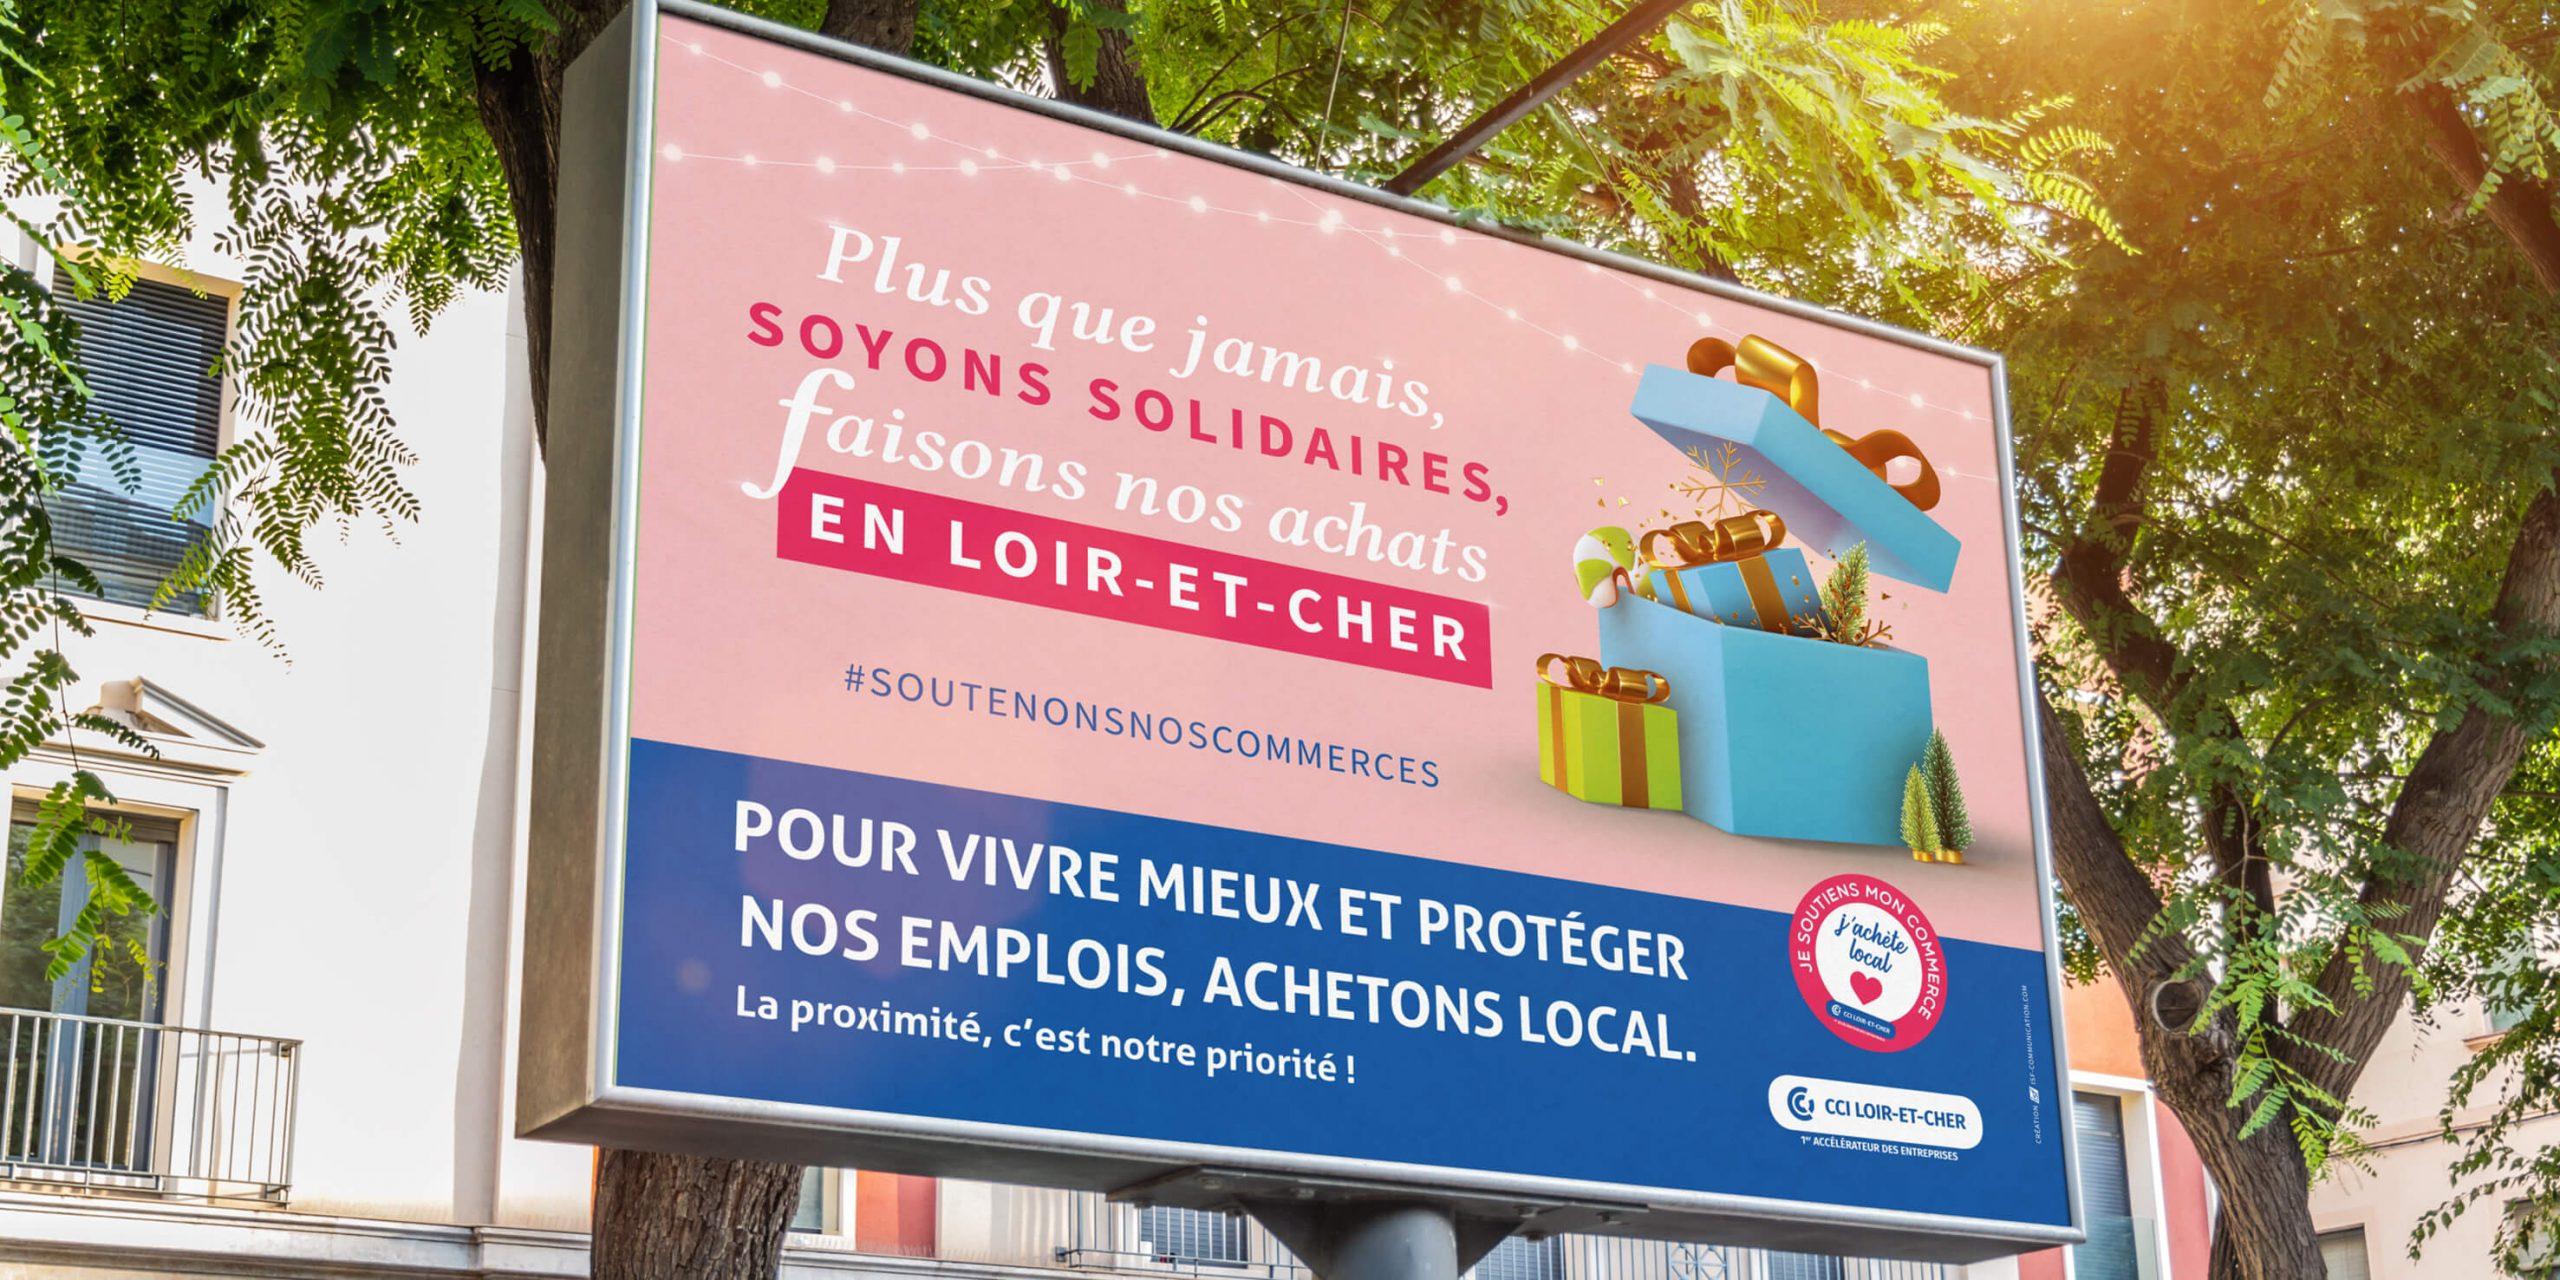 CCI - Affiche publicitaire